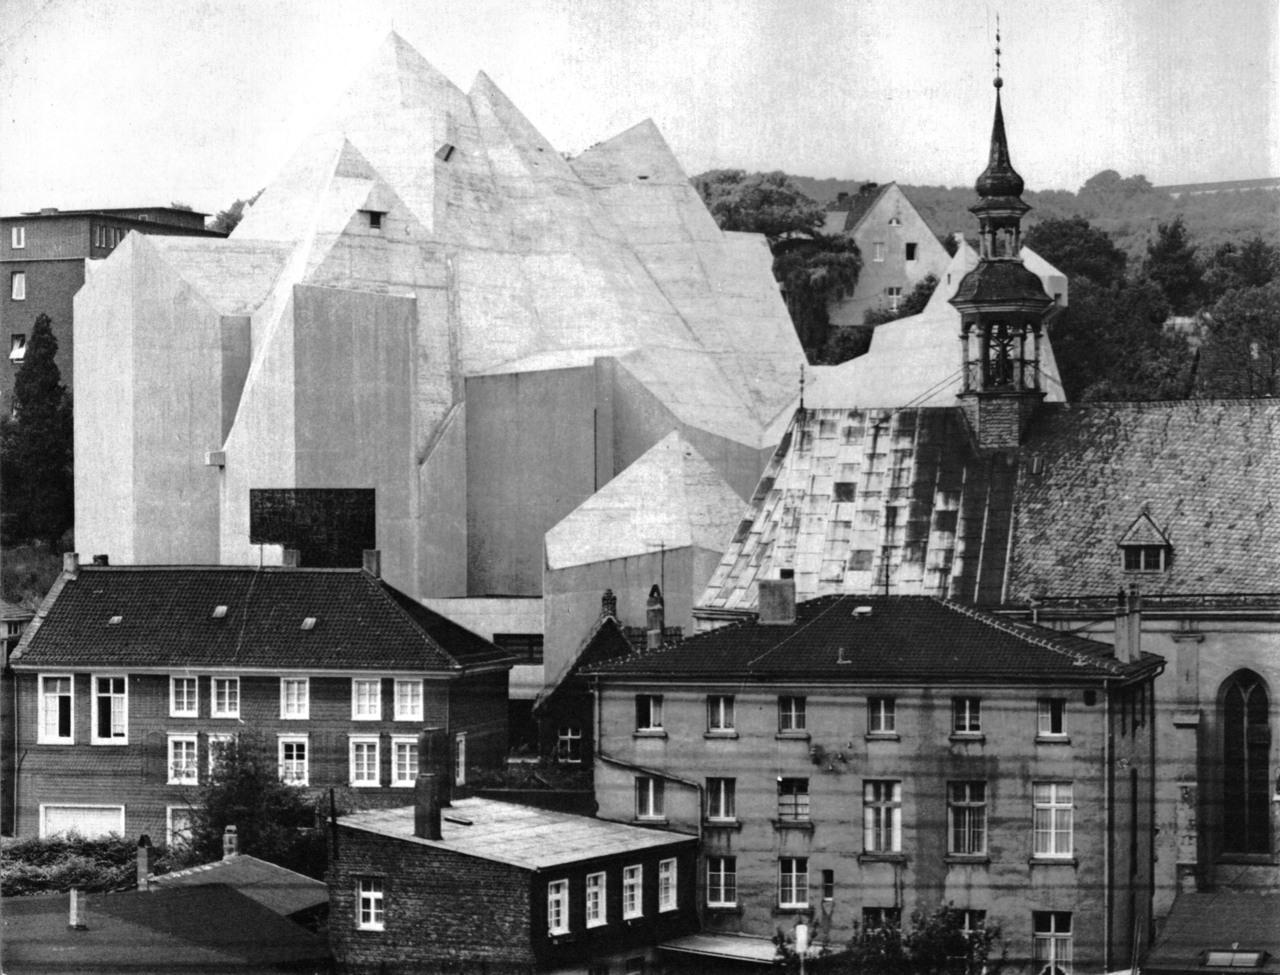 архитектура, брутализм